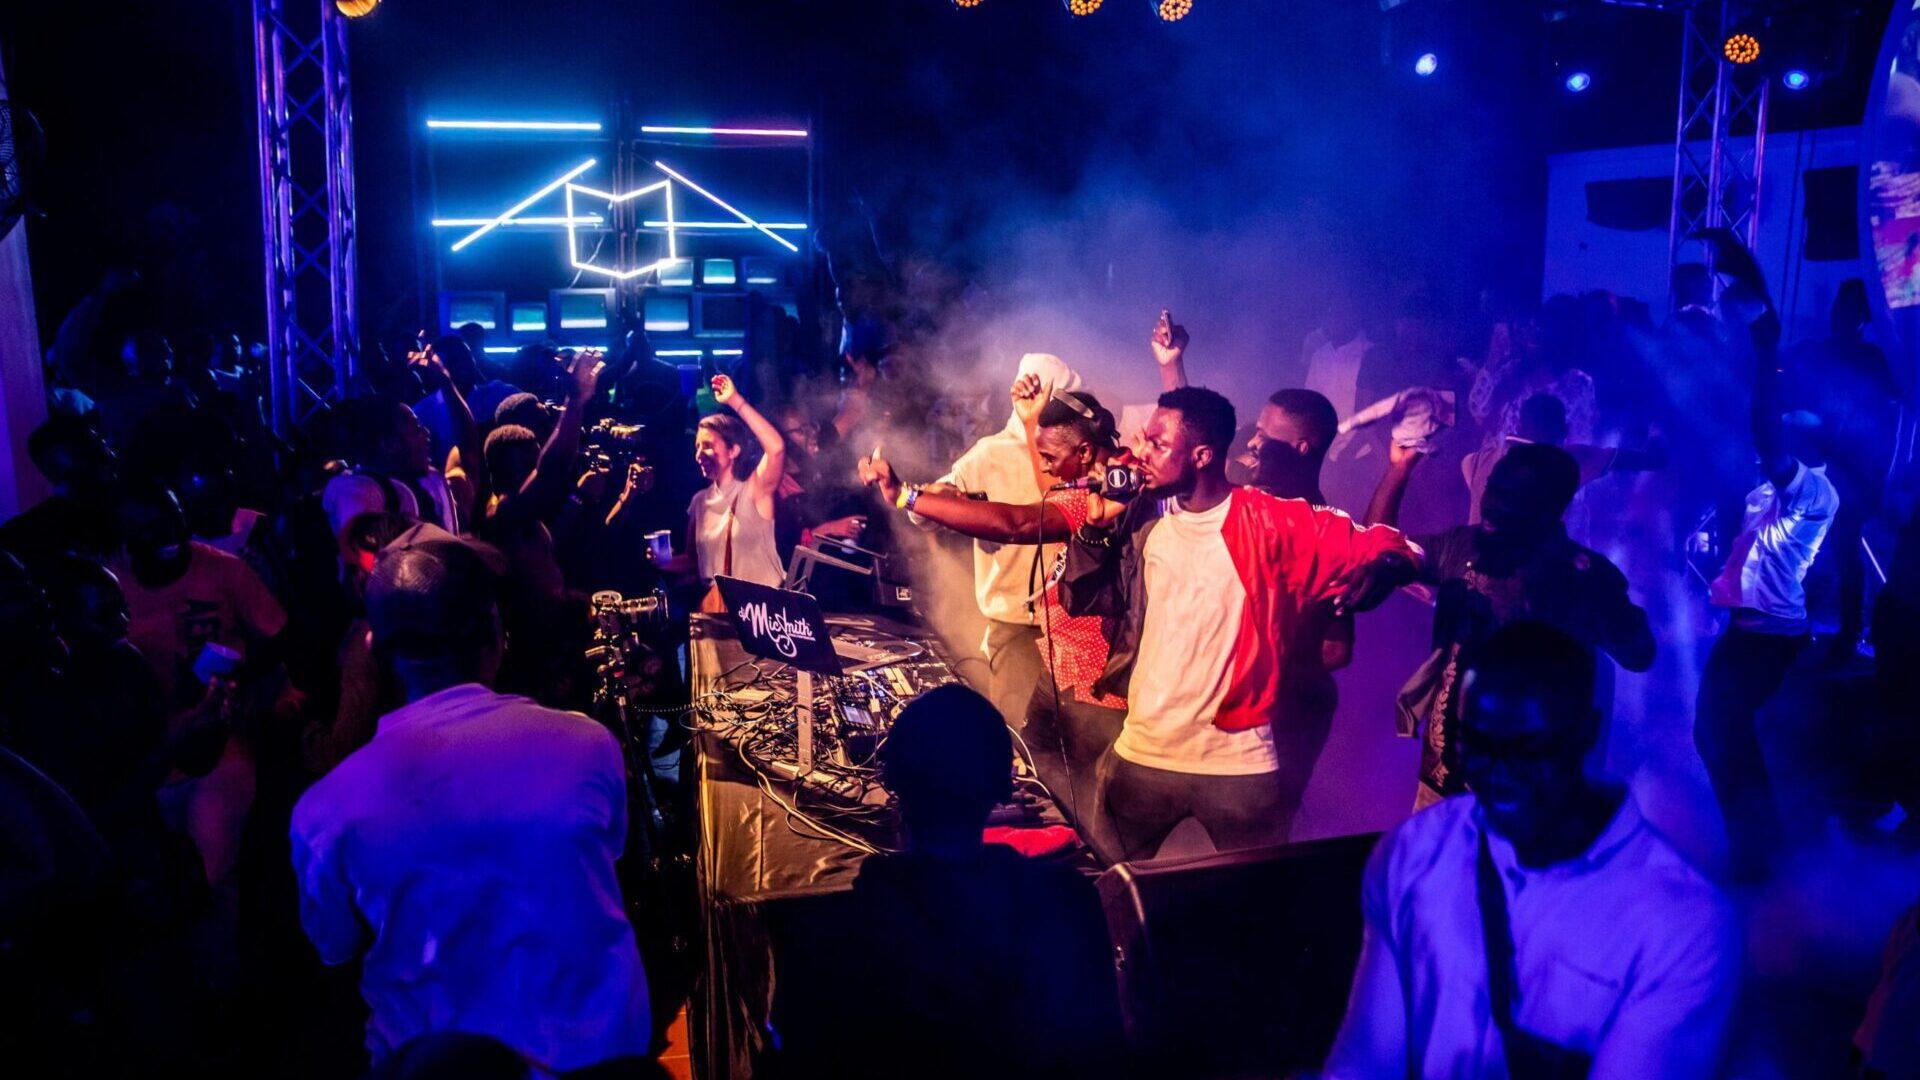 ballantines boiler room true music africa ghana 2